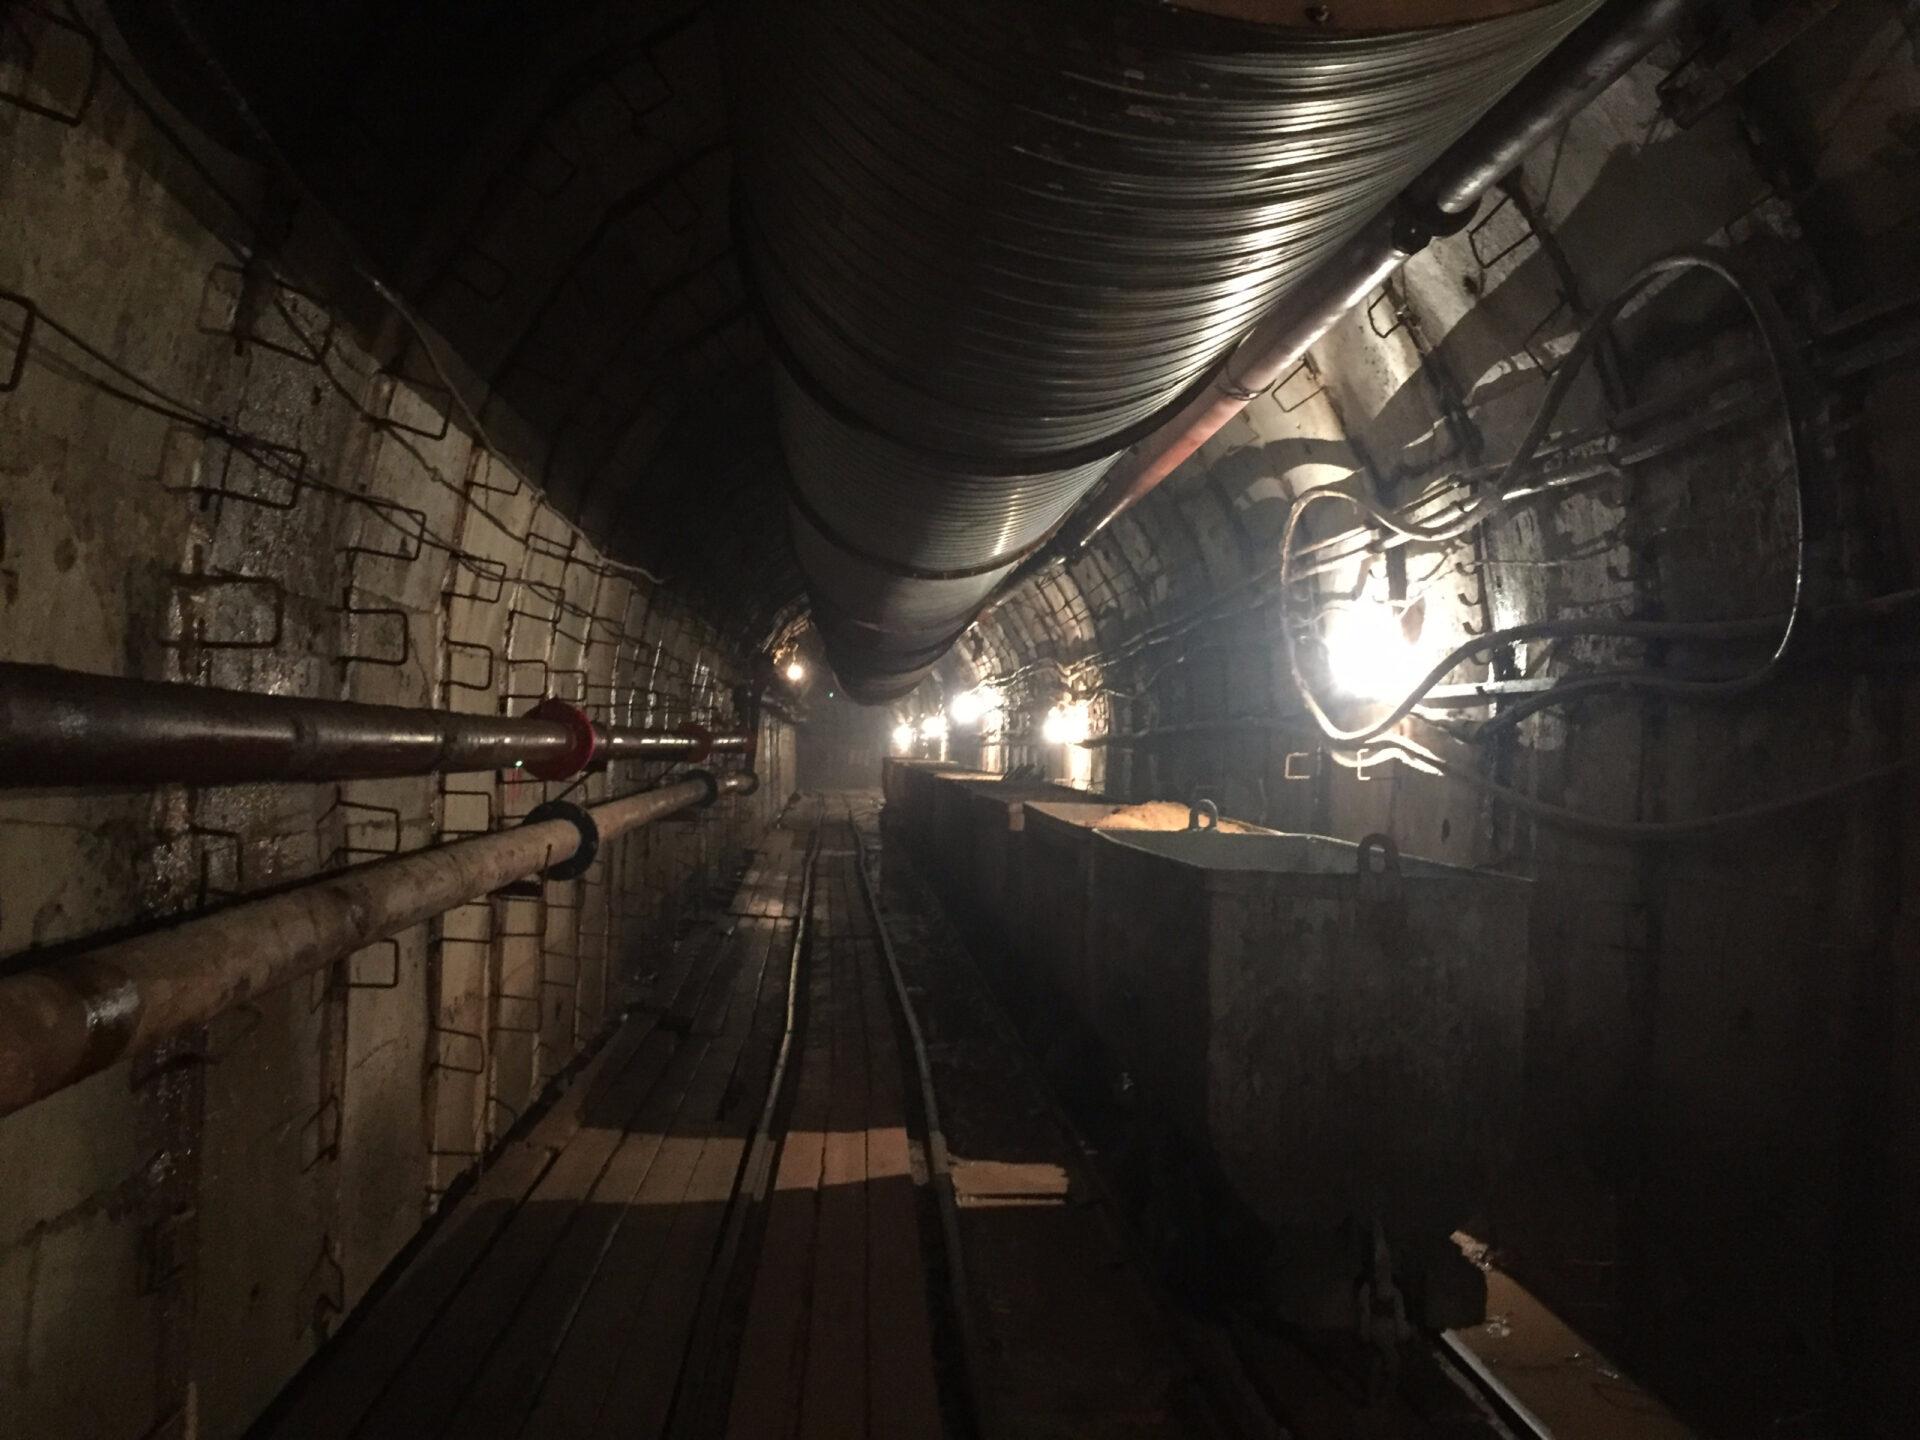 Осторожно, двери закрываются или на60 метров под землю